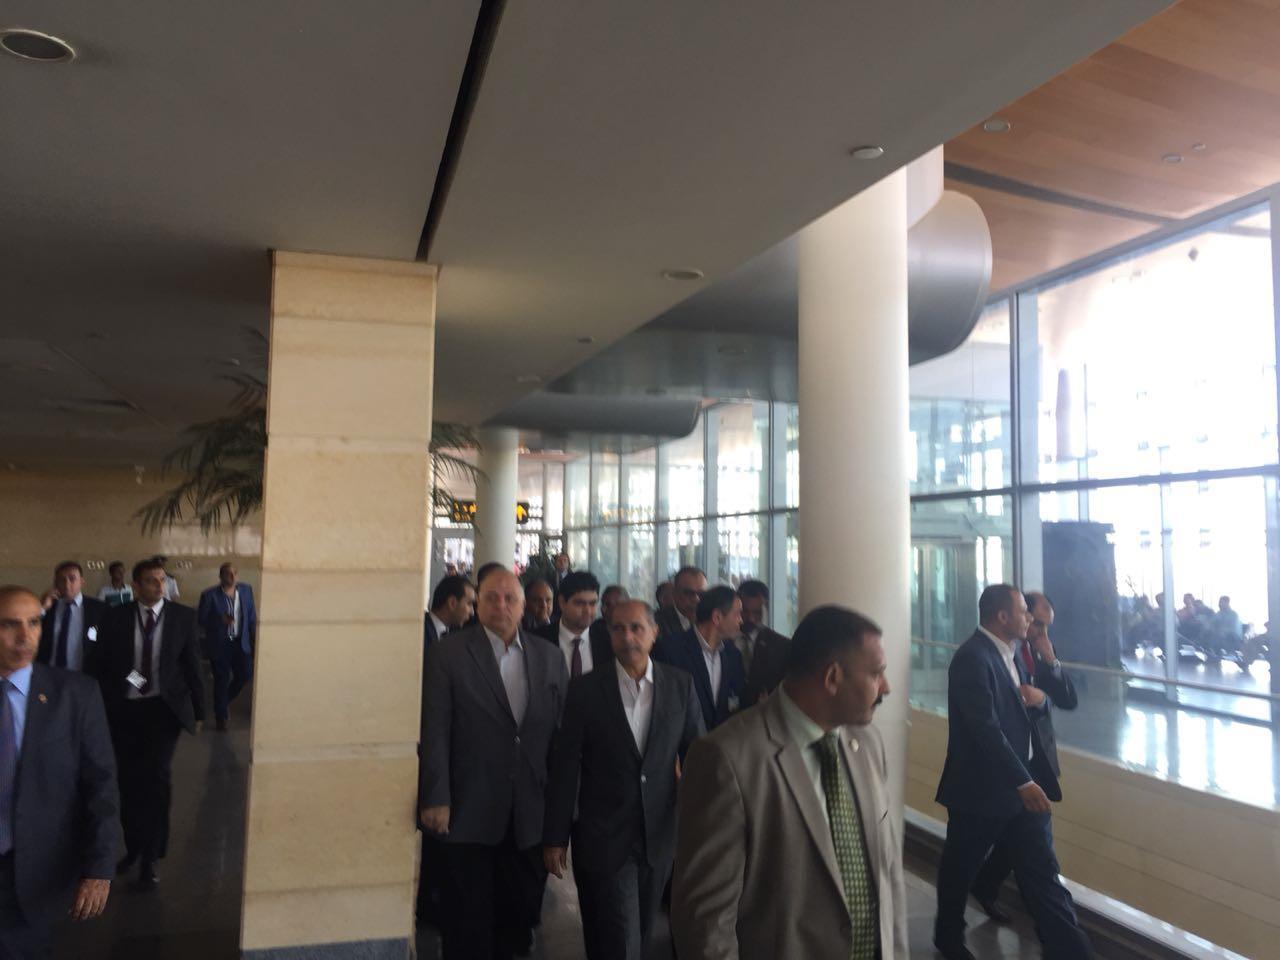 وزير الطيران يتفقد موقع إنشاء أول مبنى ركاب  صديق للبيئة بمطار برج العرب